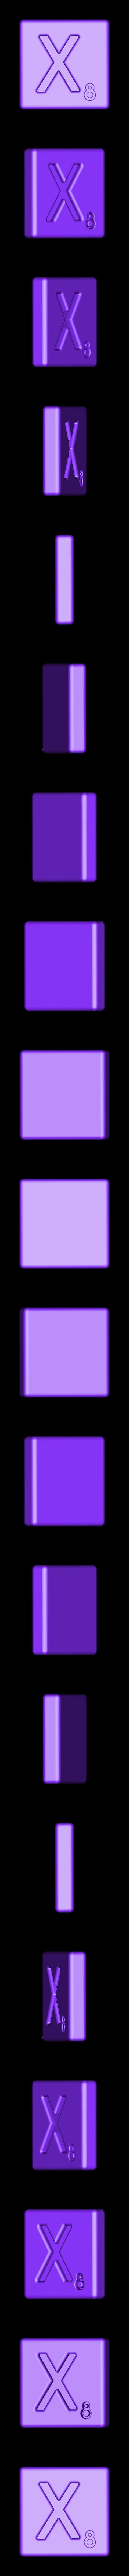 Single_Cut_X.STL Télécharger fichier STL gratuit Pièces et support SCRABBBLE • Design pour imprimante 3D, Balkhagal4D